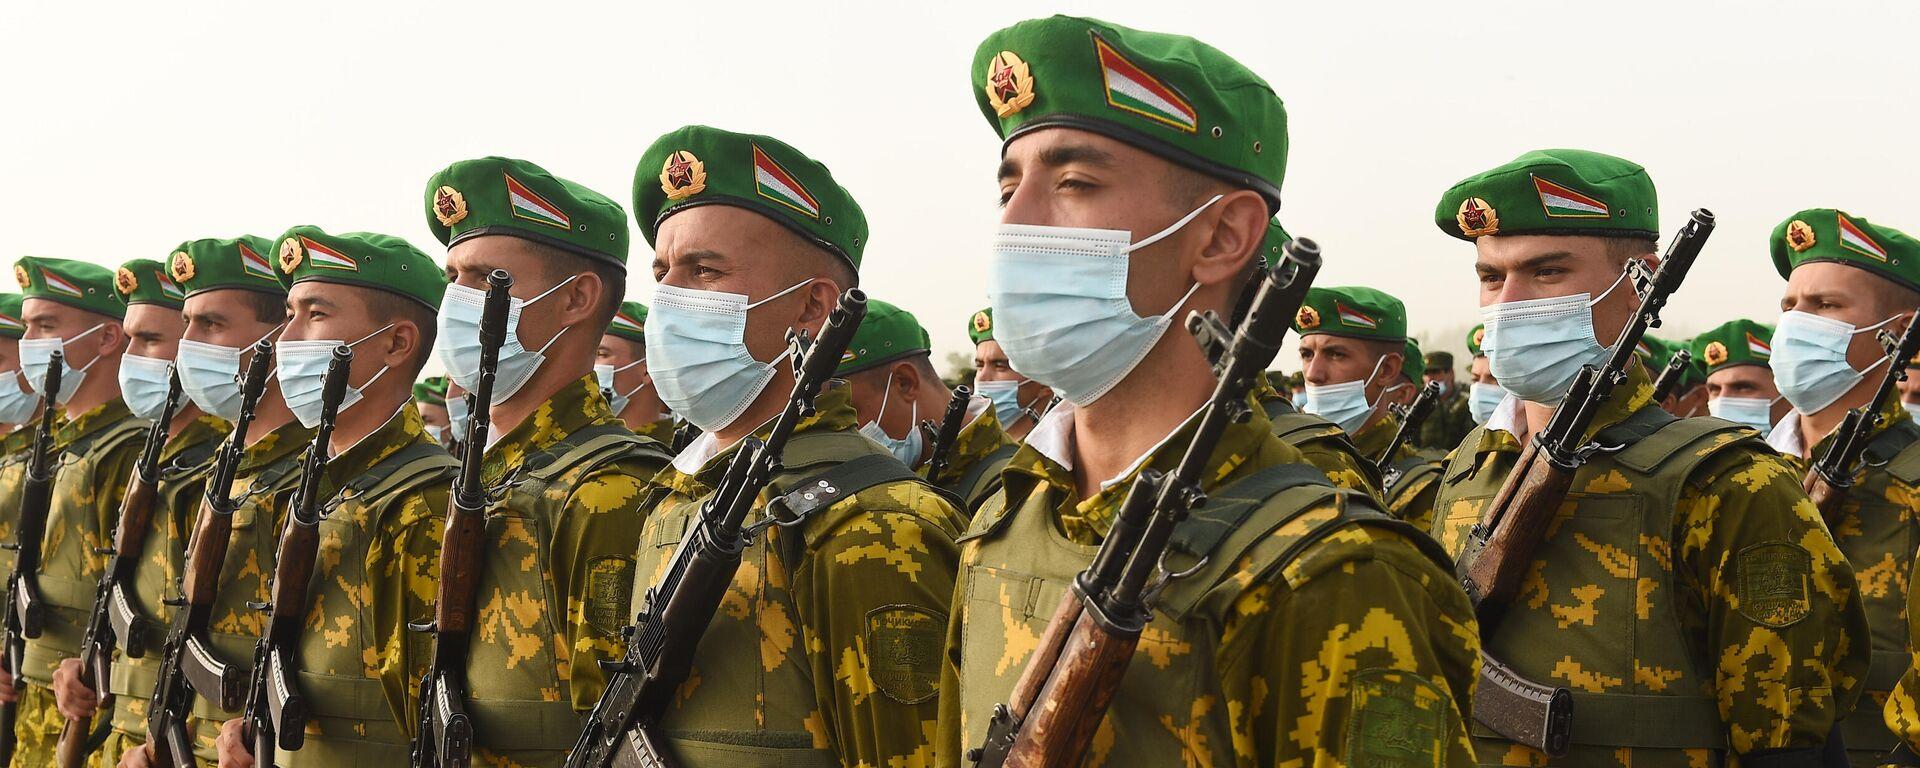 Militärs in Tadschikistan - SNA, 1920, 22.07.2021